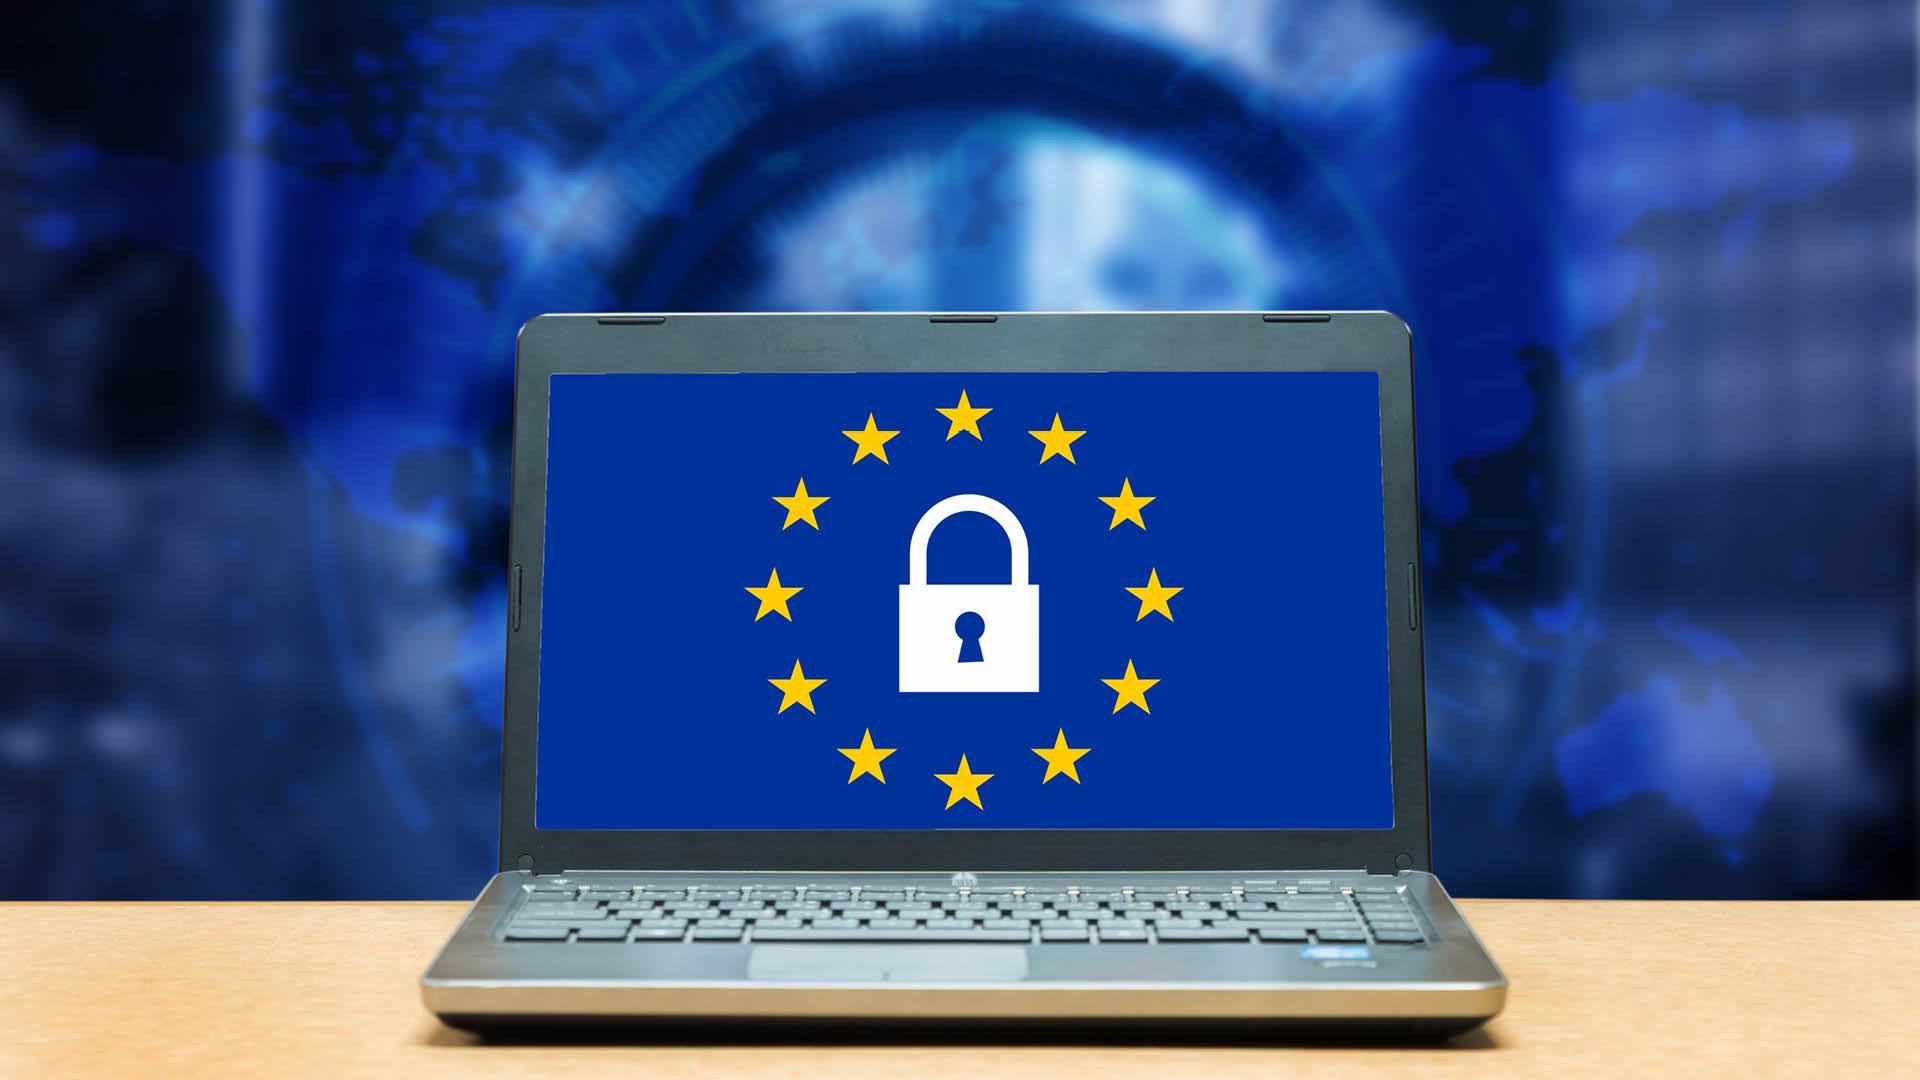 laptop with european union logo